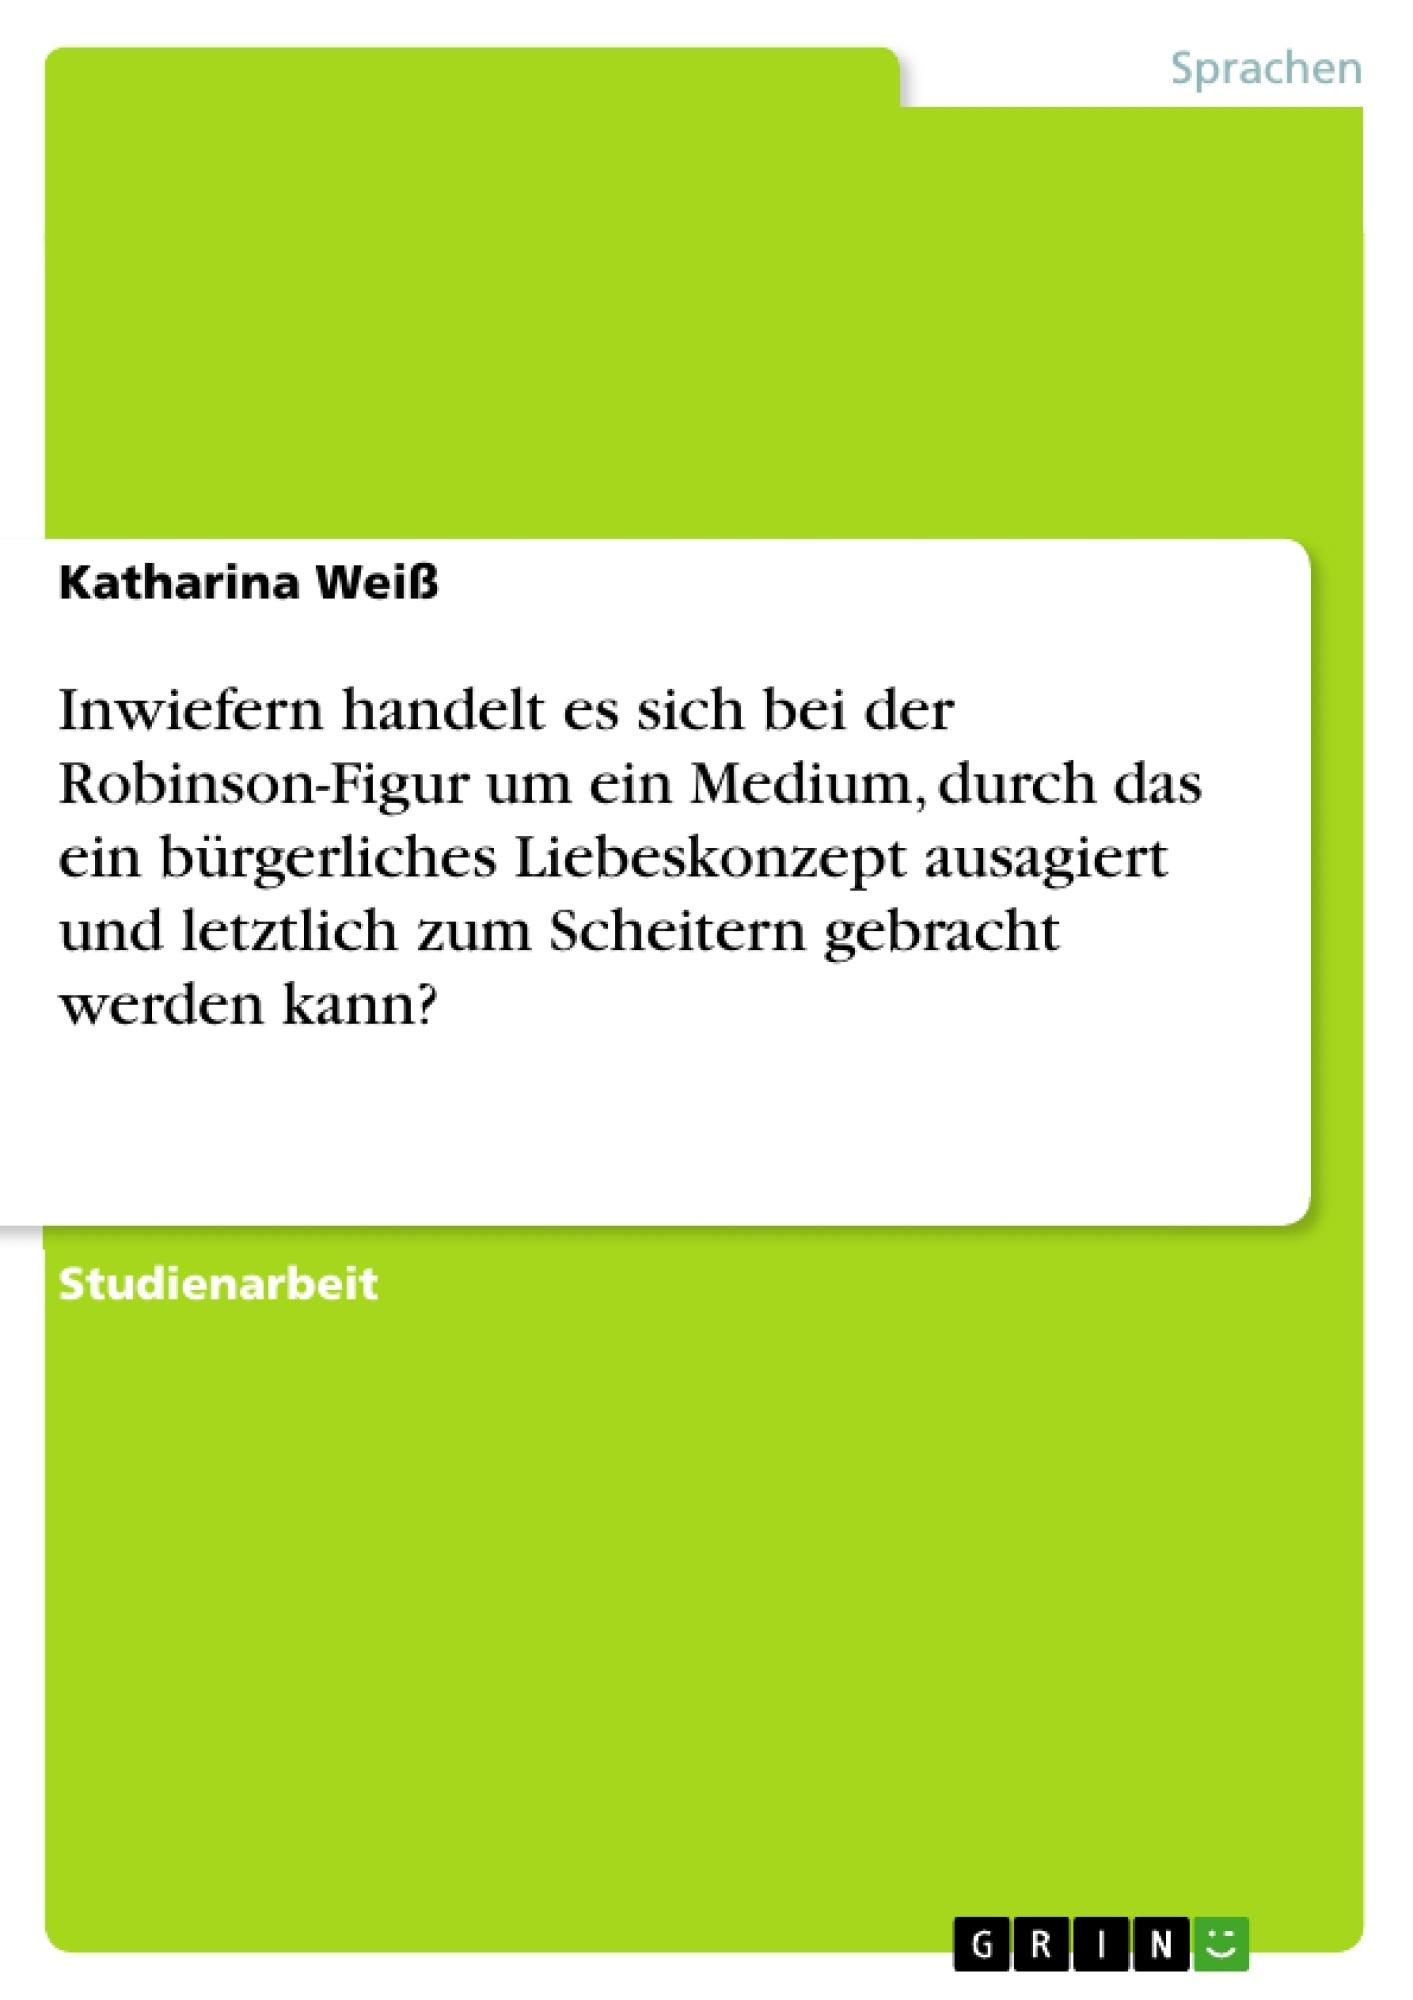 Titel: Inwiefern handelt es sich bei der Robinson-Figur um ein Medium, durch das ein bürgerliches Liebeskonzept ausagiert und letztlich zum Scheitern gebracht werden kann?